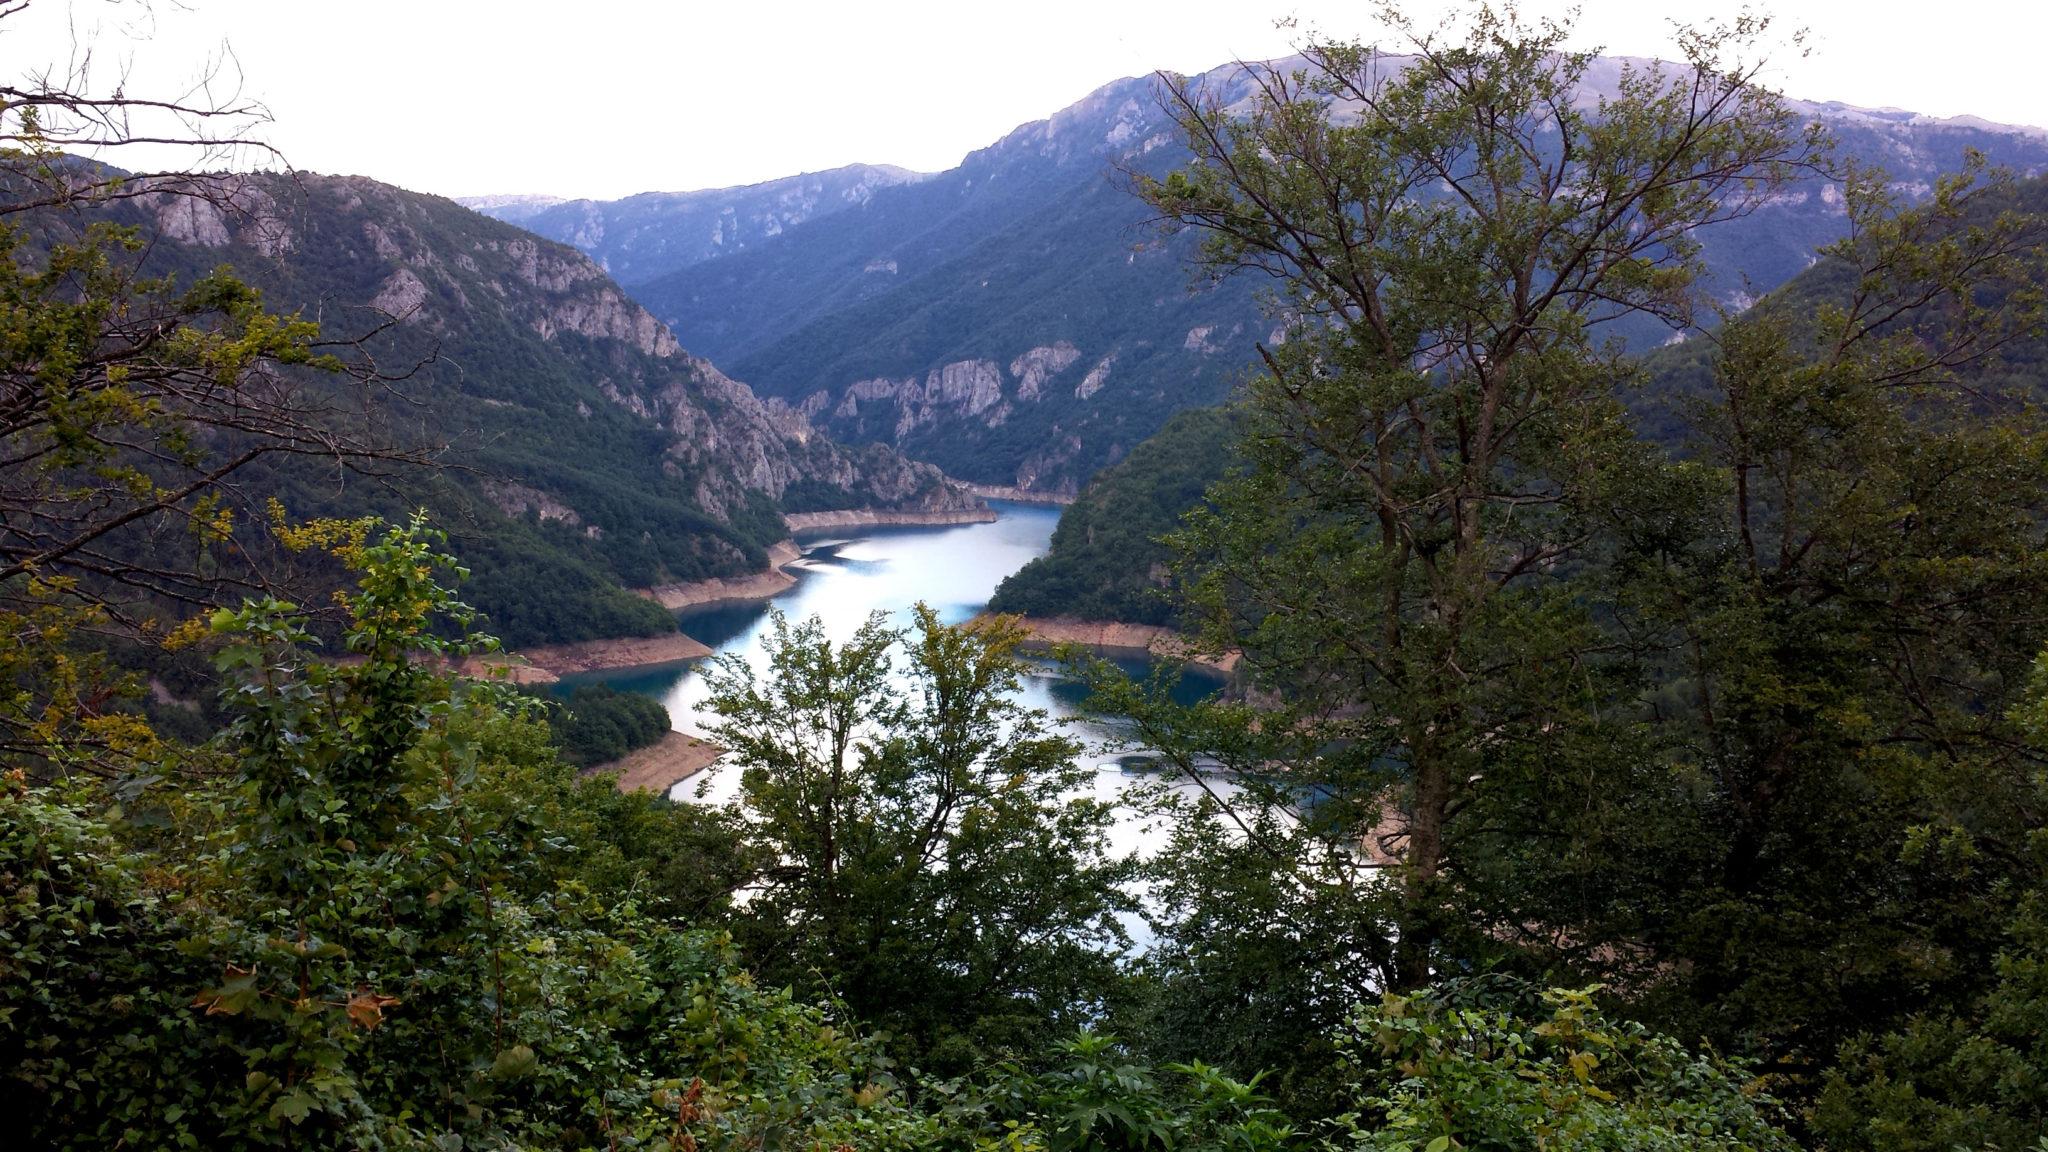 Hemaposesesvalises_montenegro_rafting_canyon_de_la_piva_tara_scepan_polje_travel_voyage_blog1